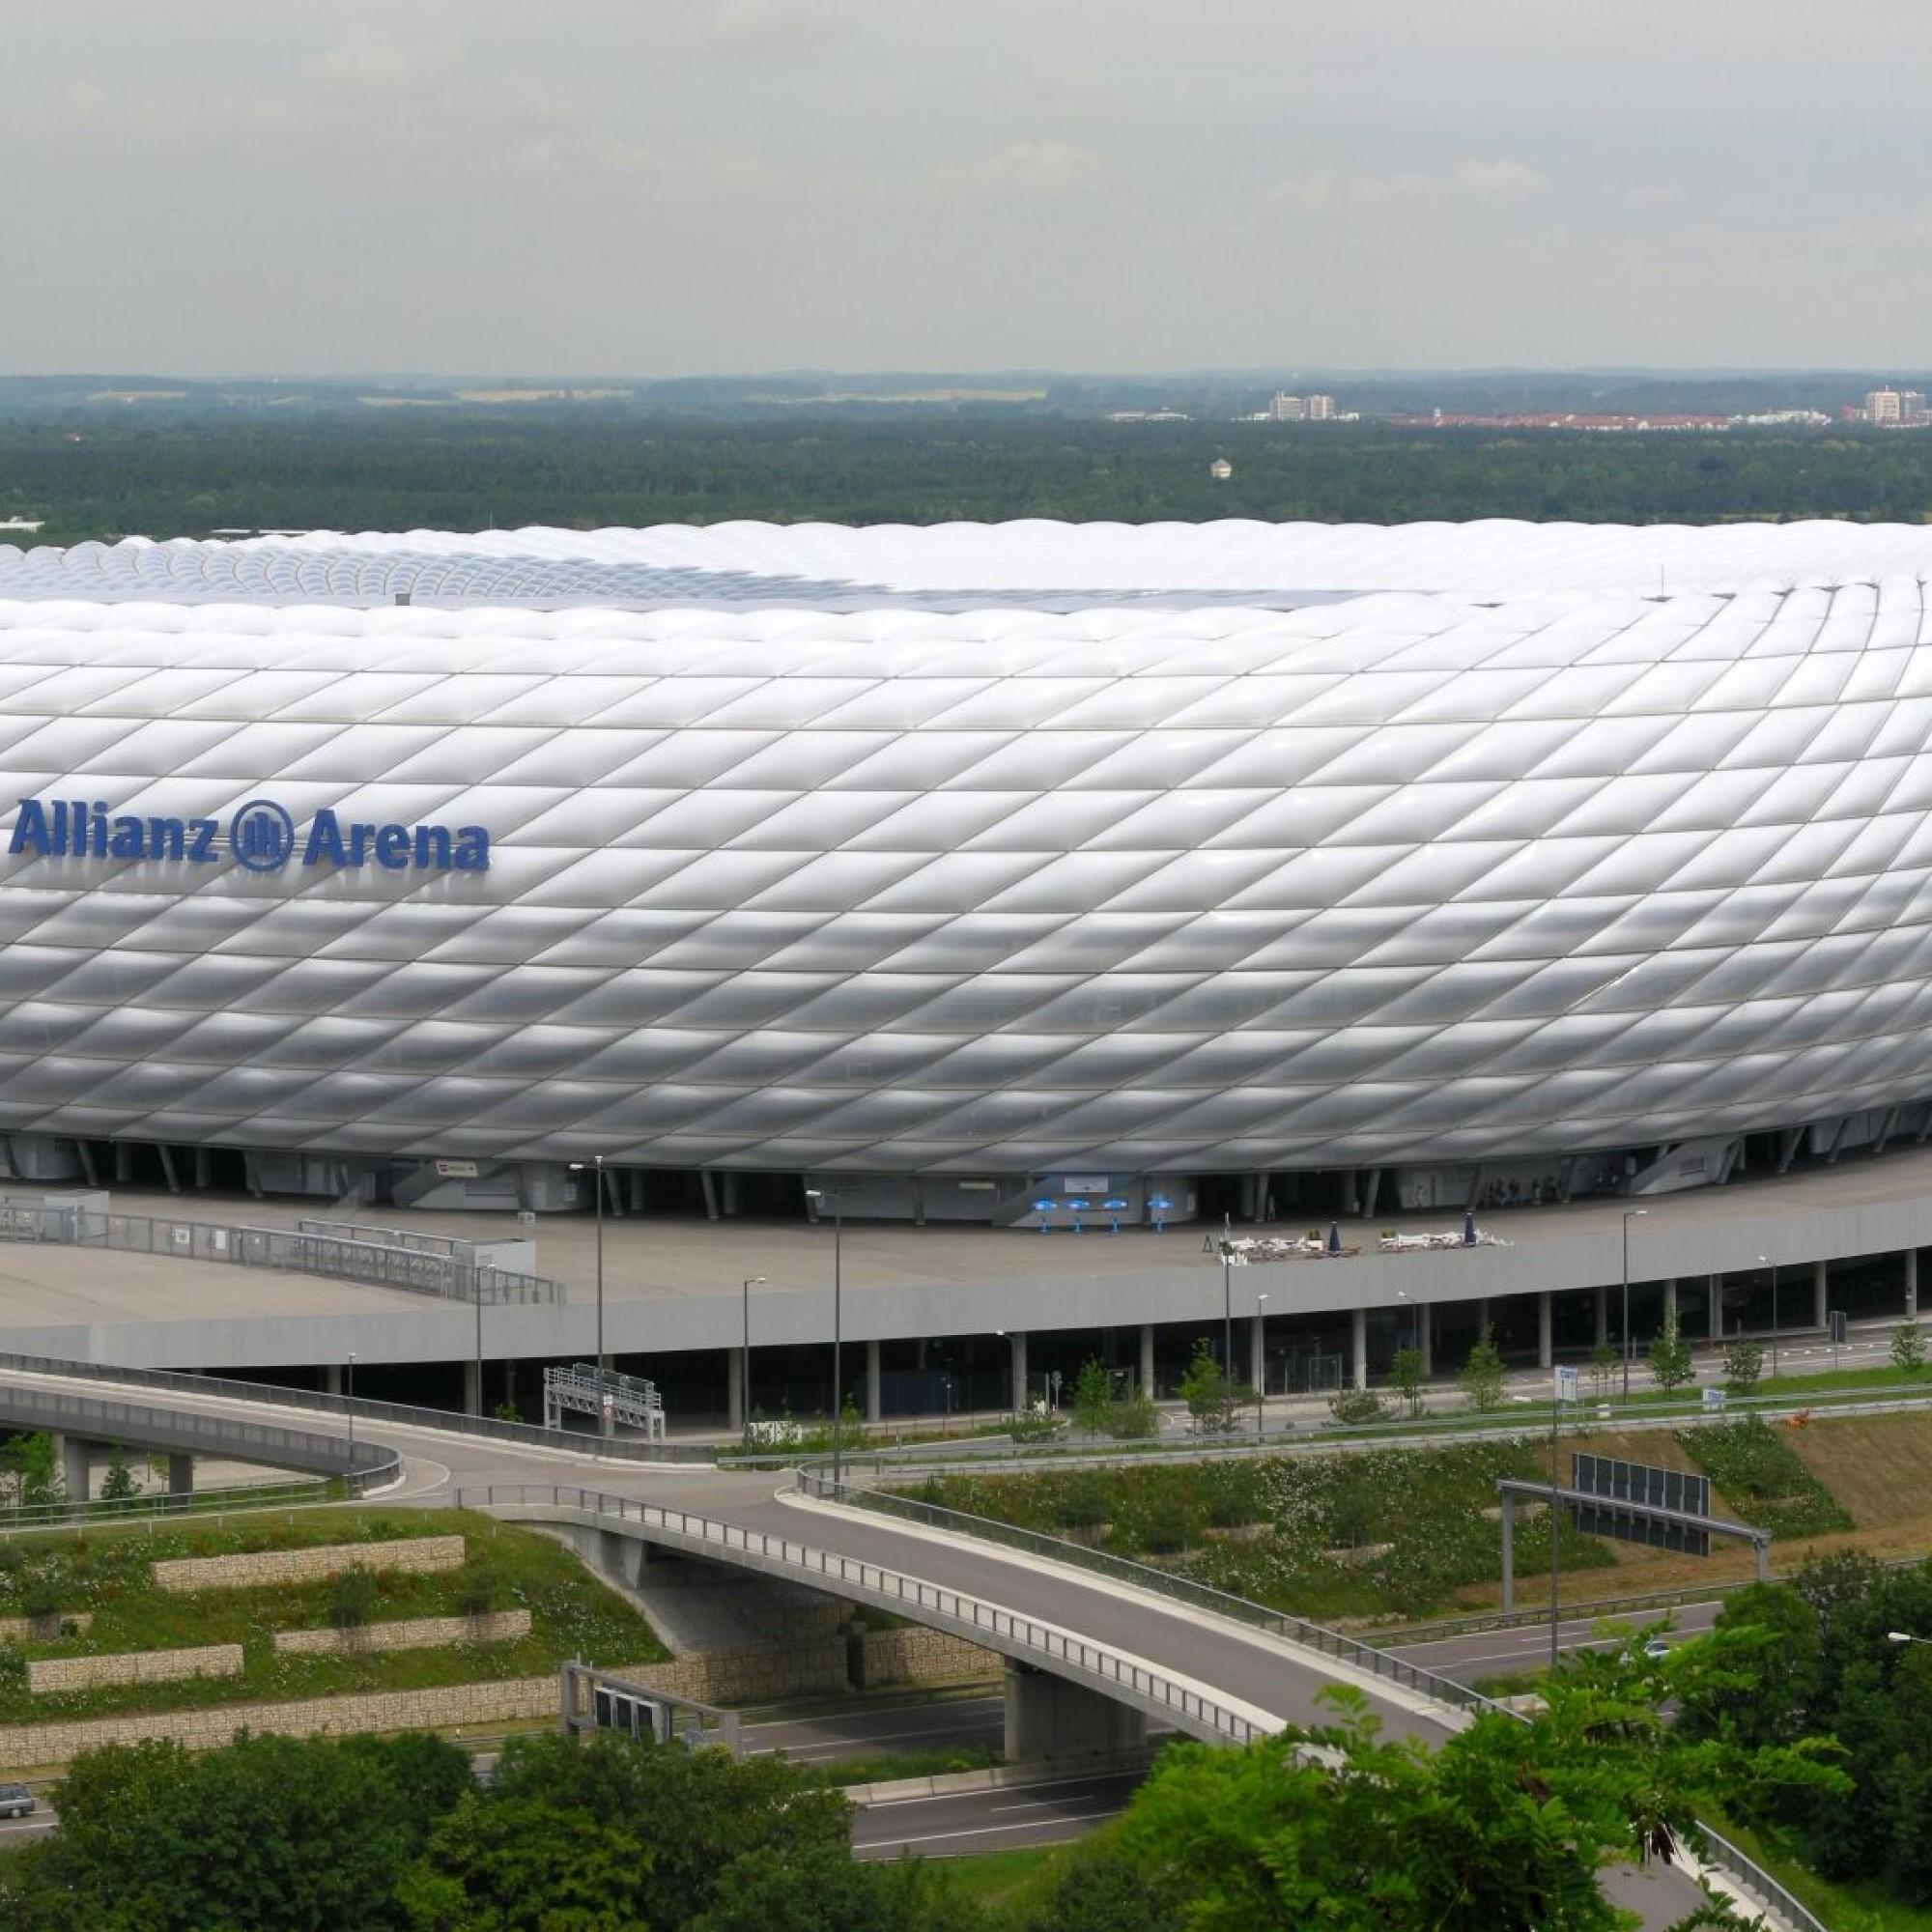 Allianz-Arena München Herzog & de Meuron